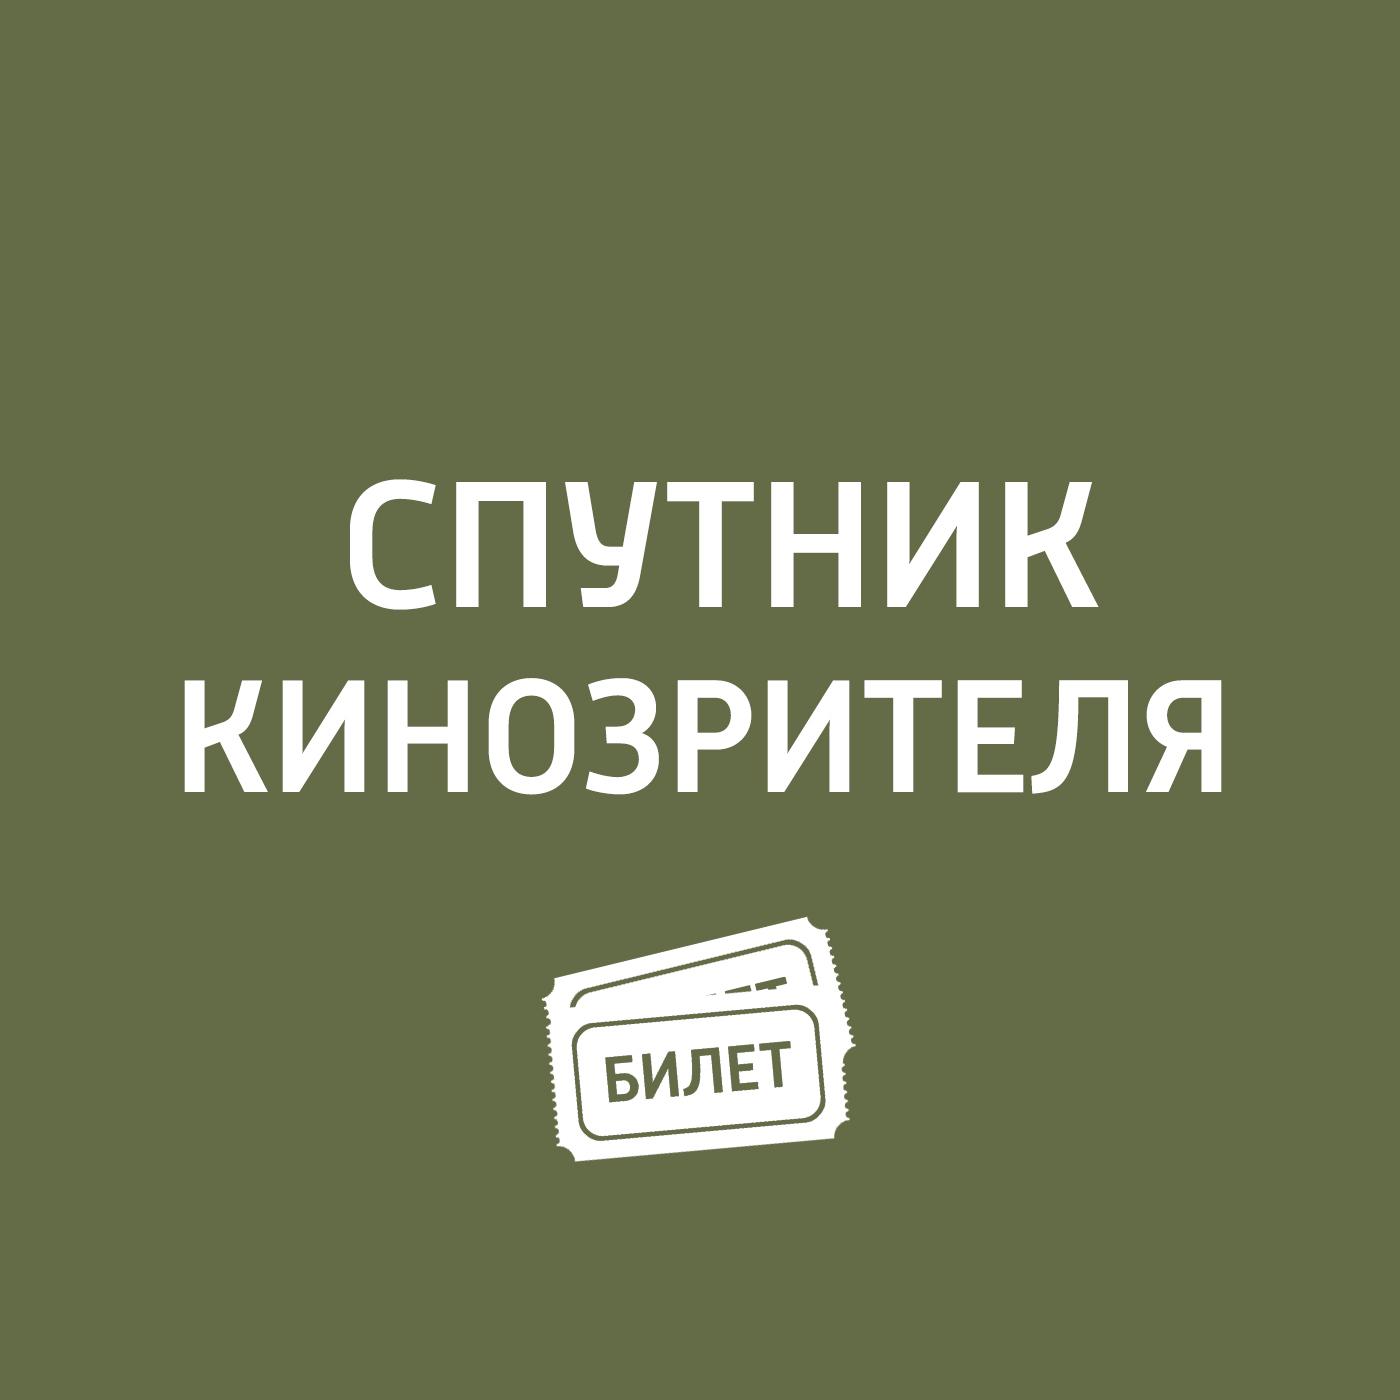 Антон Долин Премьеры с 1 декабря: «28 панфиловцев», «Союзники», «Планетариум, «Моана «Одиссея....